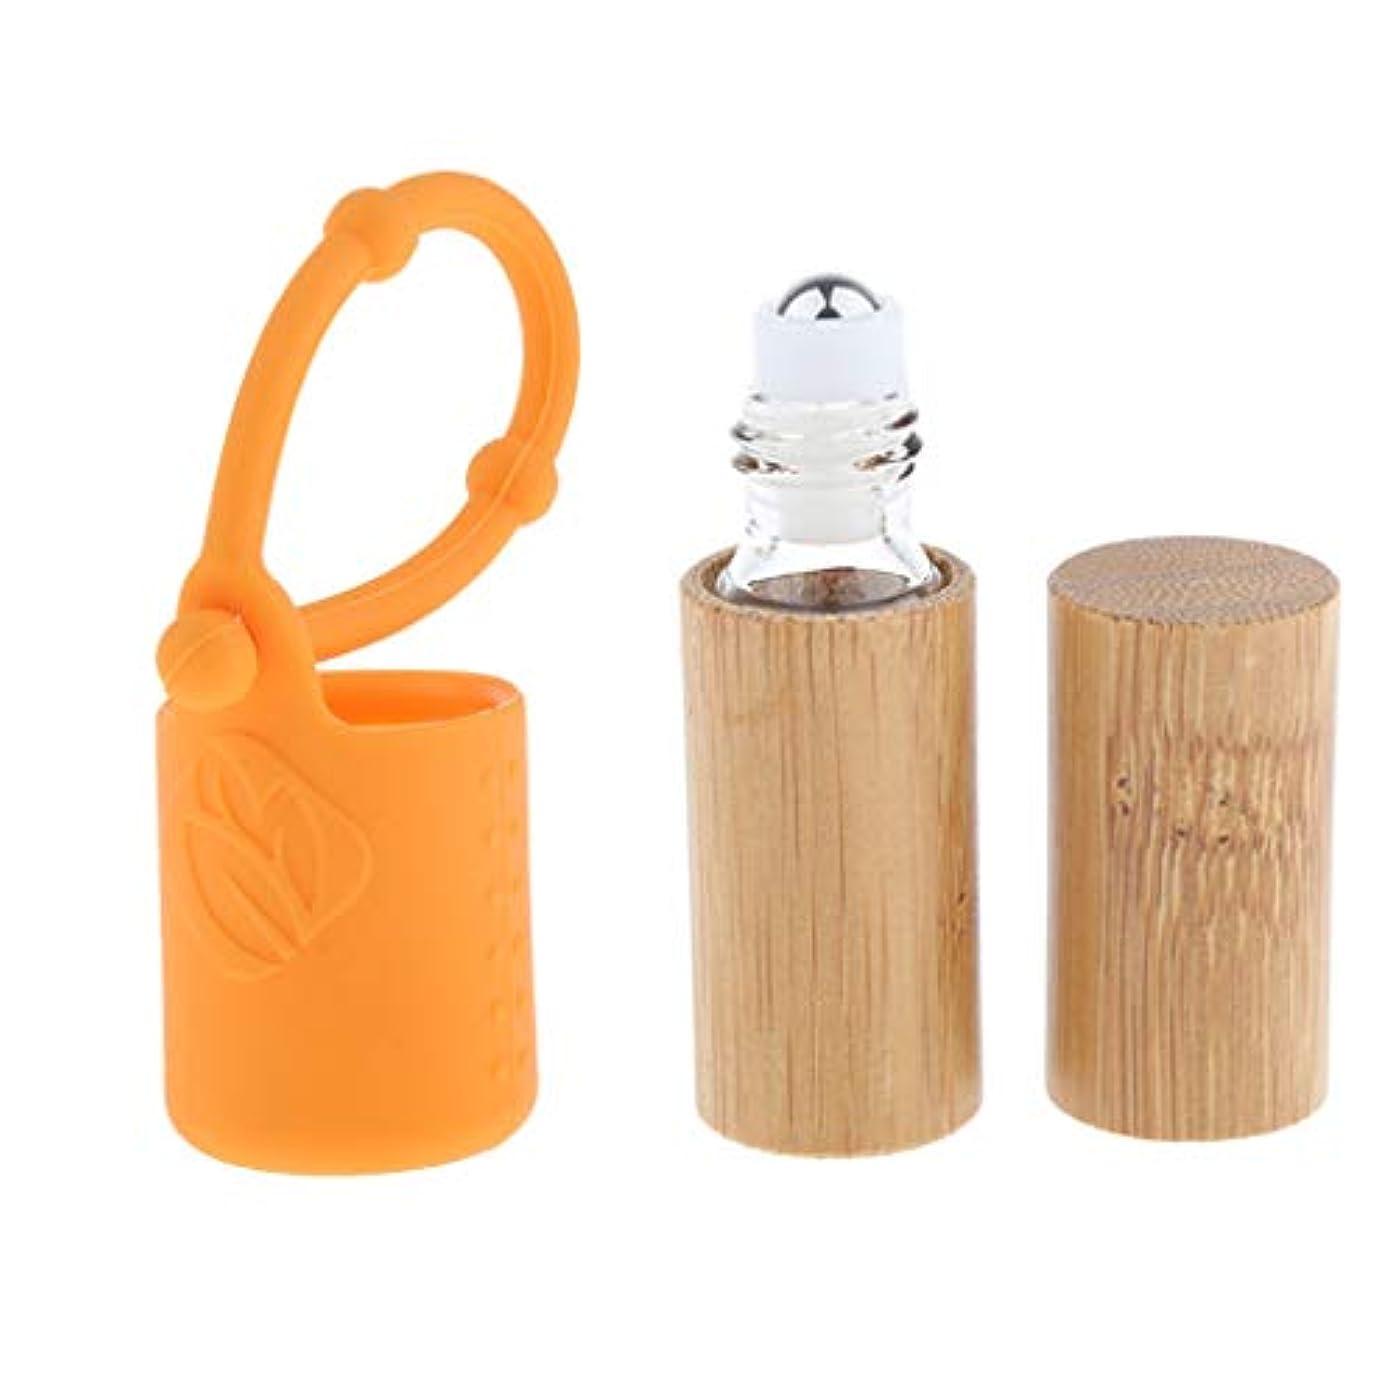 ホール酸っぱい意外Baoblaze 空のエッセンシャルオイル 精油瓶 香水瓶 竹ボトル 詰め替え カバースリーブ 吊り掛け